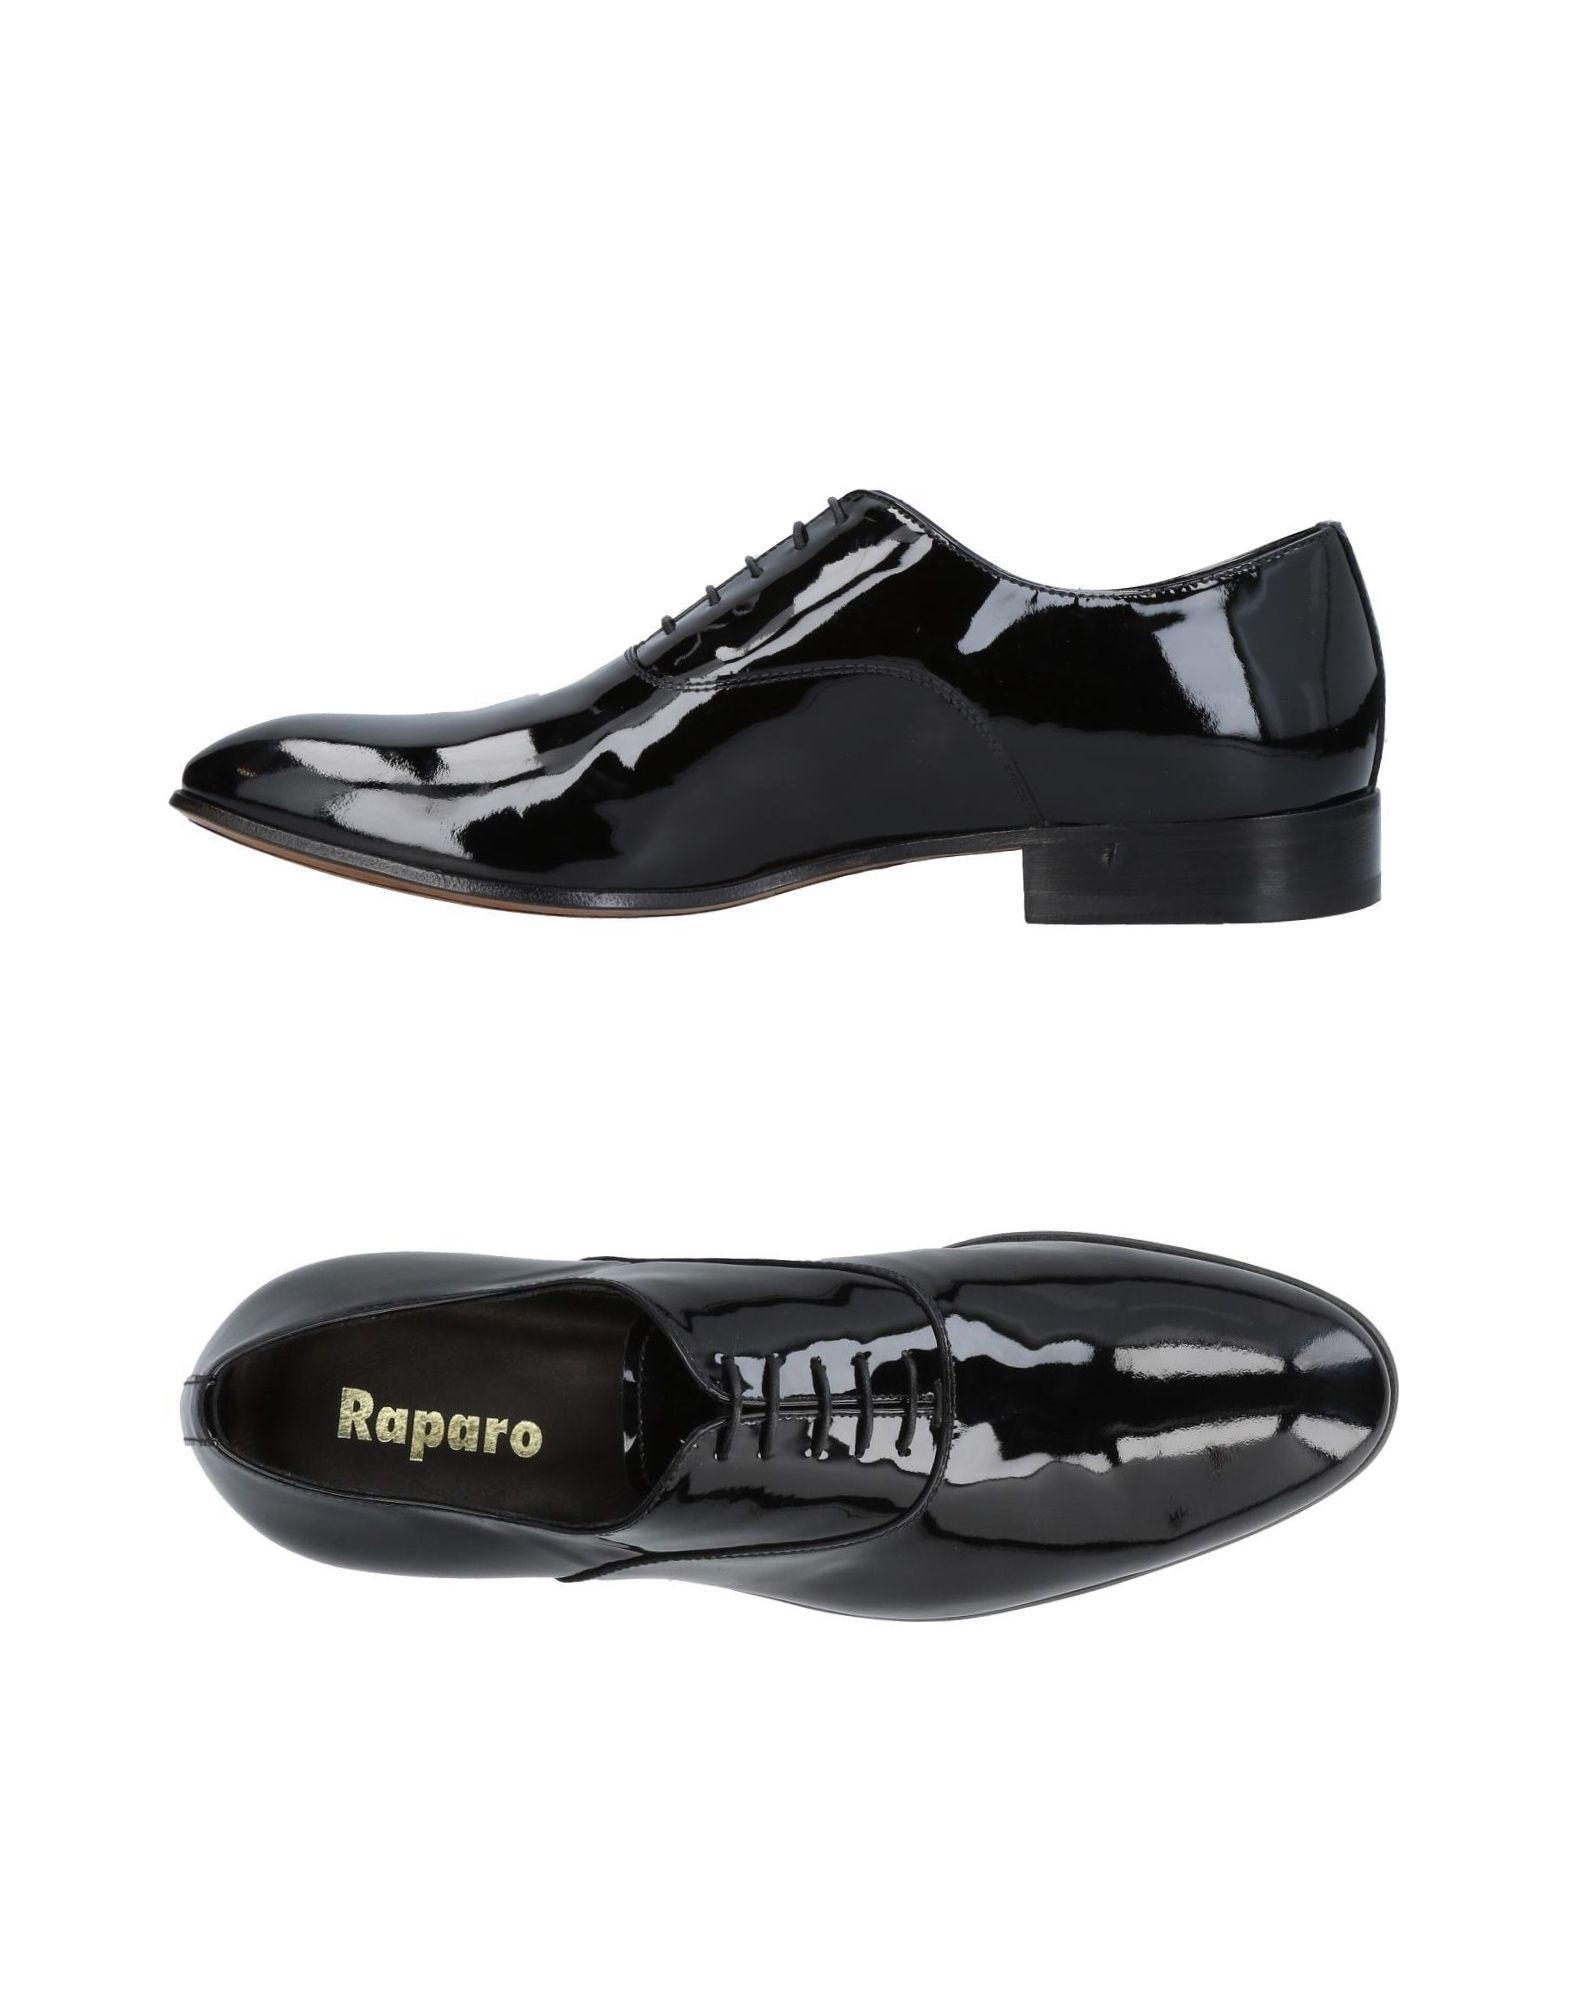 FOOTWEAR - Lace-up shoes Raparo Nice 7FVsxMbIj